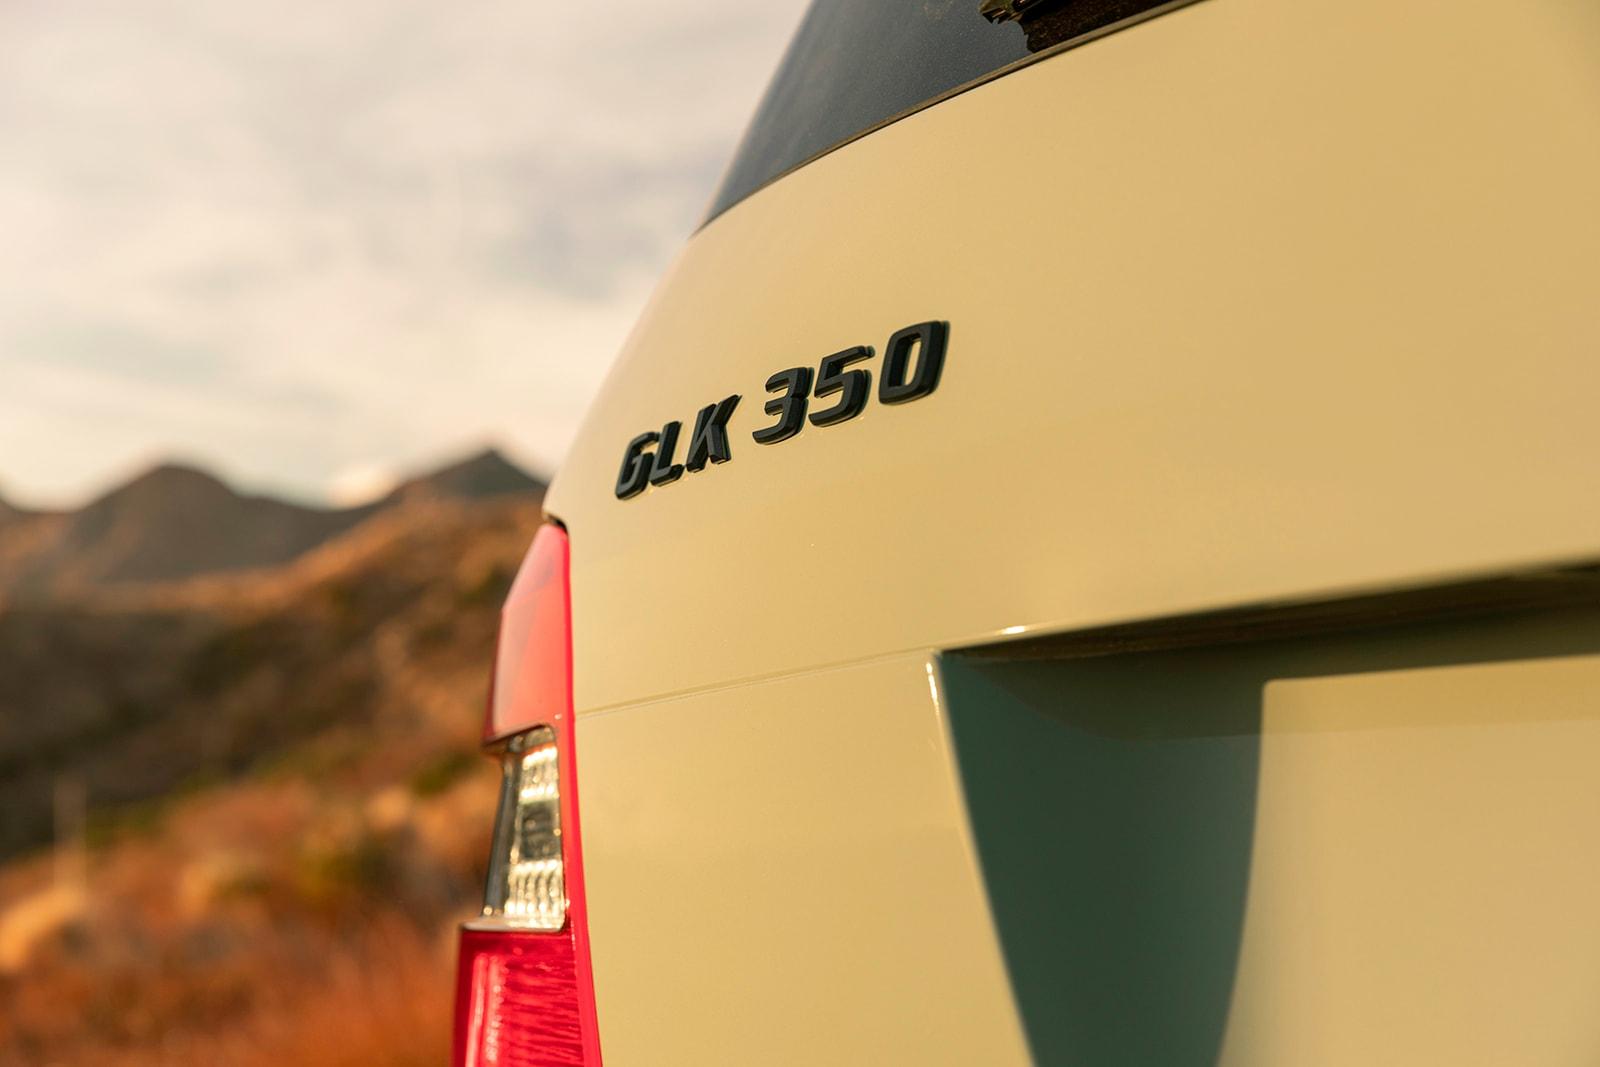 Jeff Staple's Mercedes-Benz GLK 350 Interview Staple Design G-Wagon